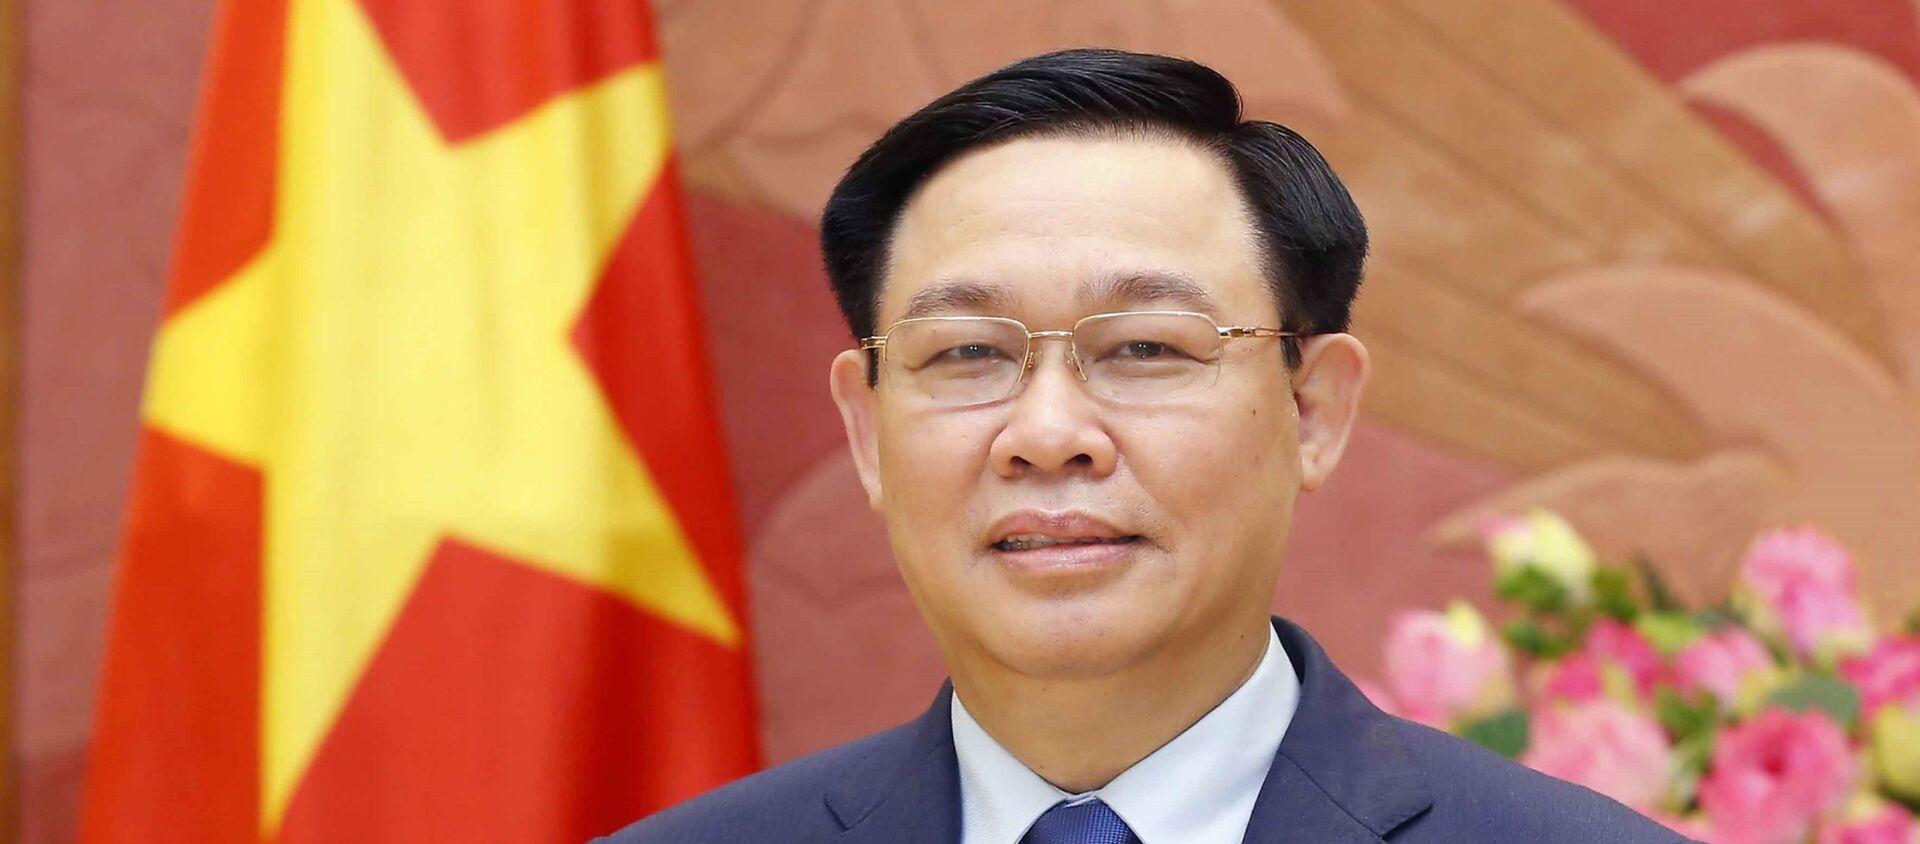 Ông Vương Đình Huệ. - Sputnik Việt Nam, 1920, 14.05.2021